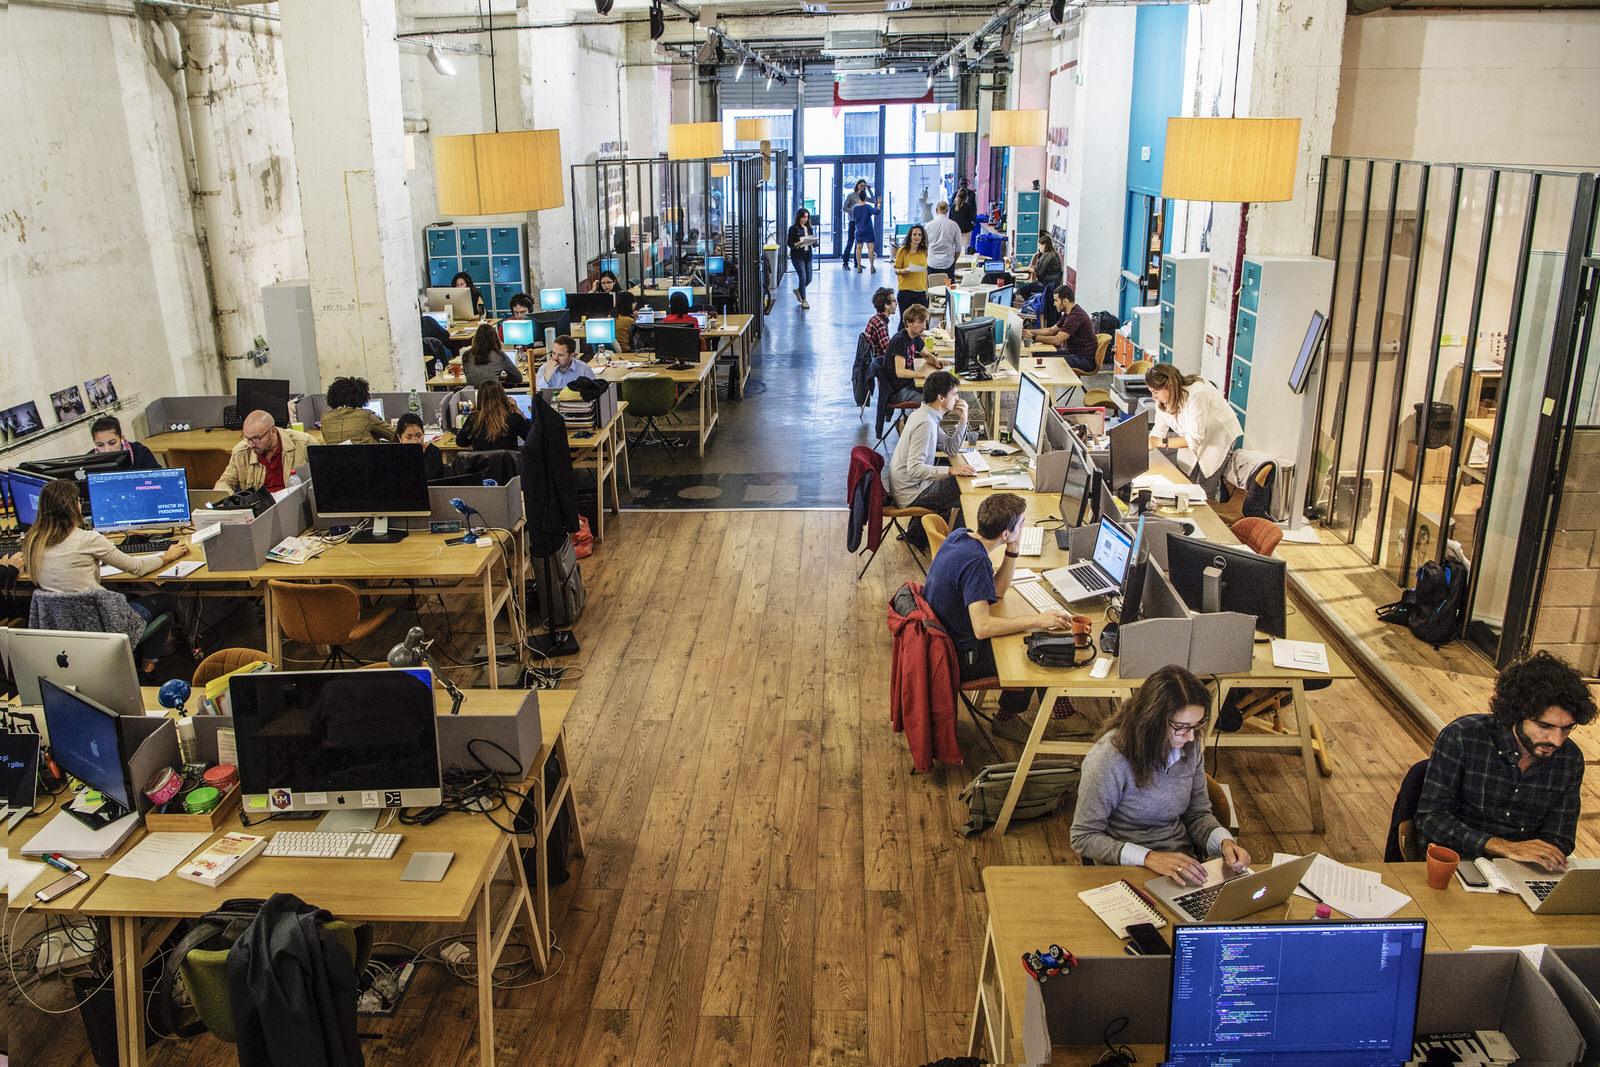 1_Espace de coworking à paris.jpg